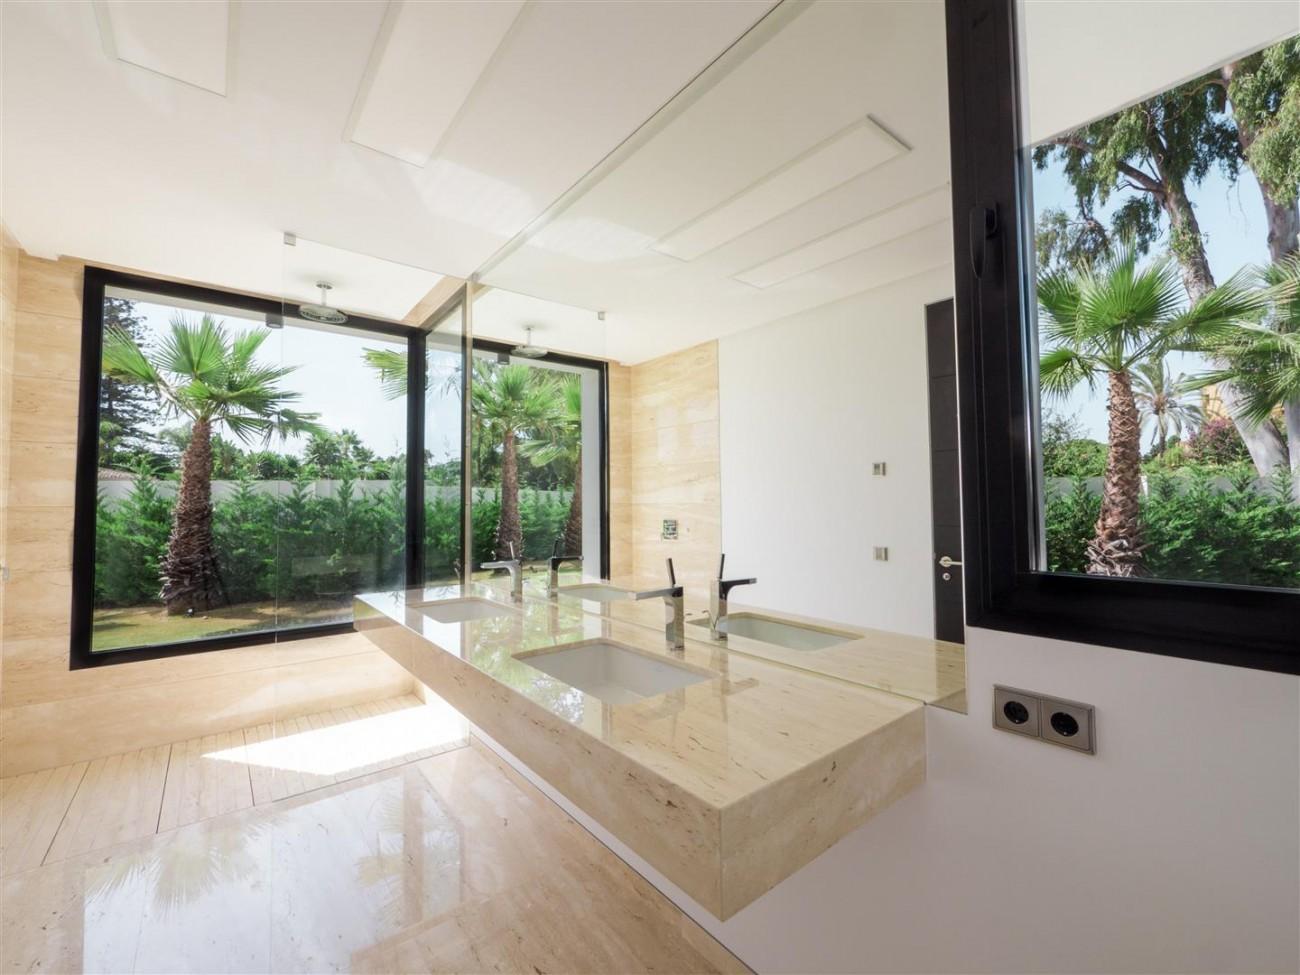 Contemporary villa for sale close to the beach Marbella (18) (Large)